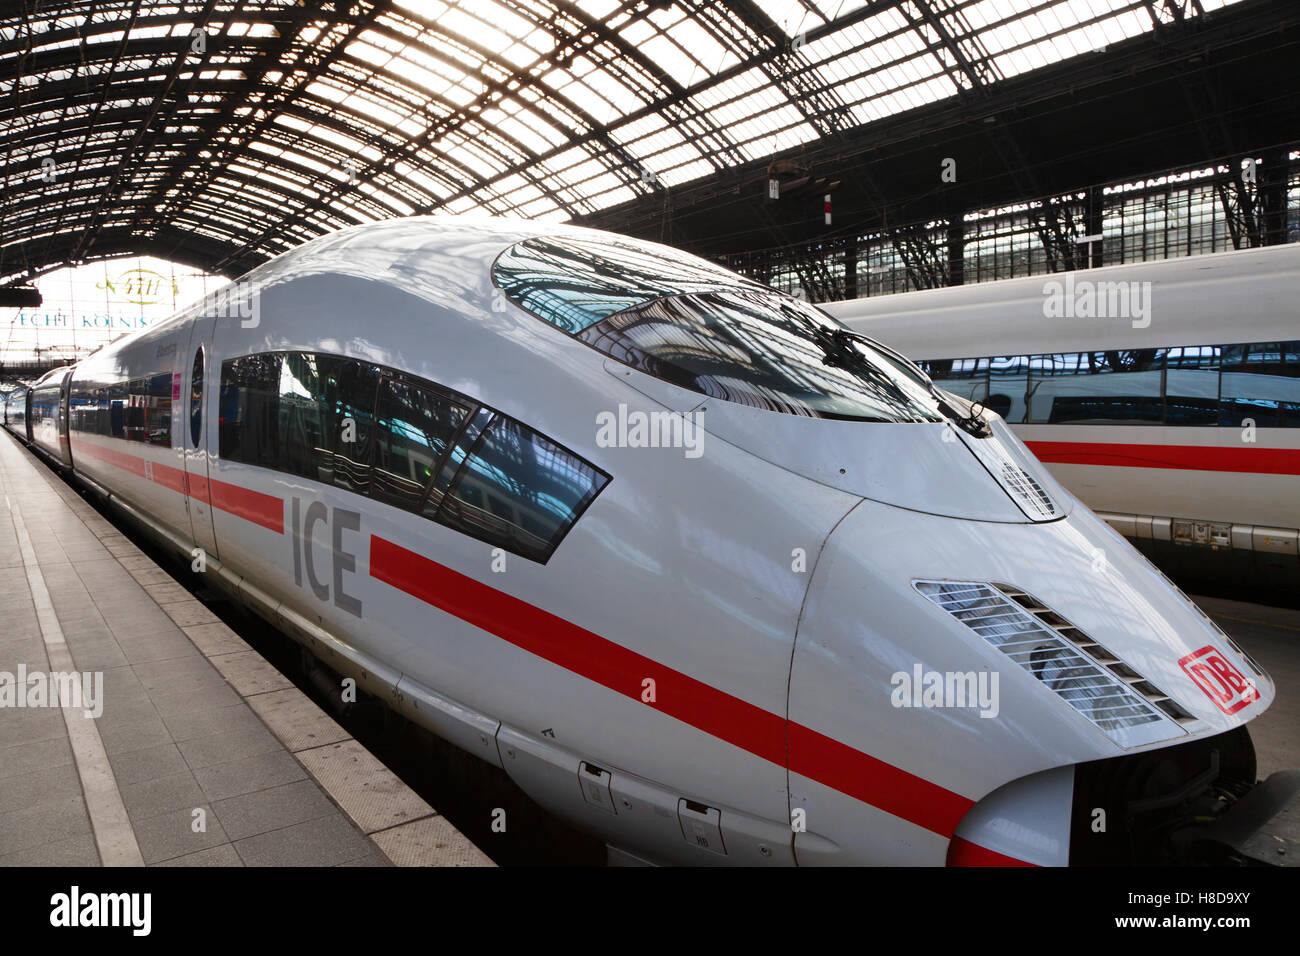 Ein Intercity-Express-Zug der Deutschen Bahn bleibt in der Kölner Bahnhof in Deutschland Stockbild